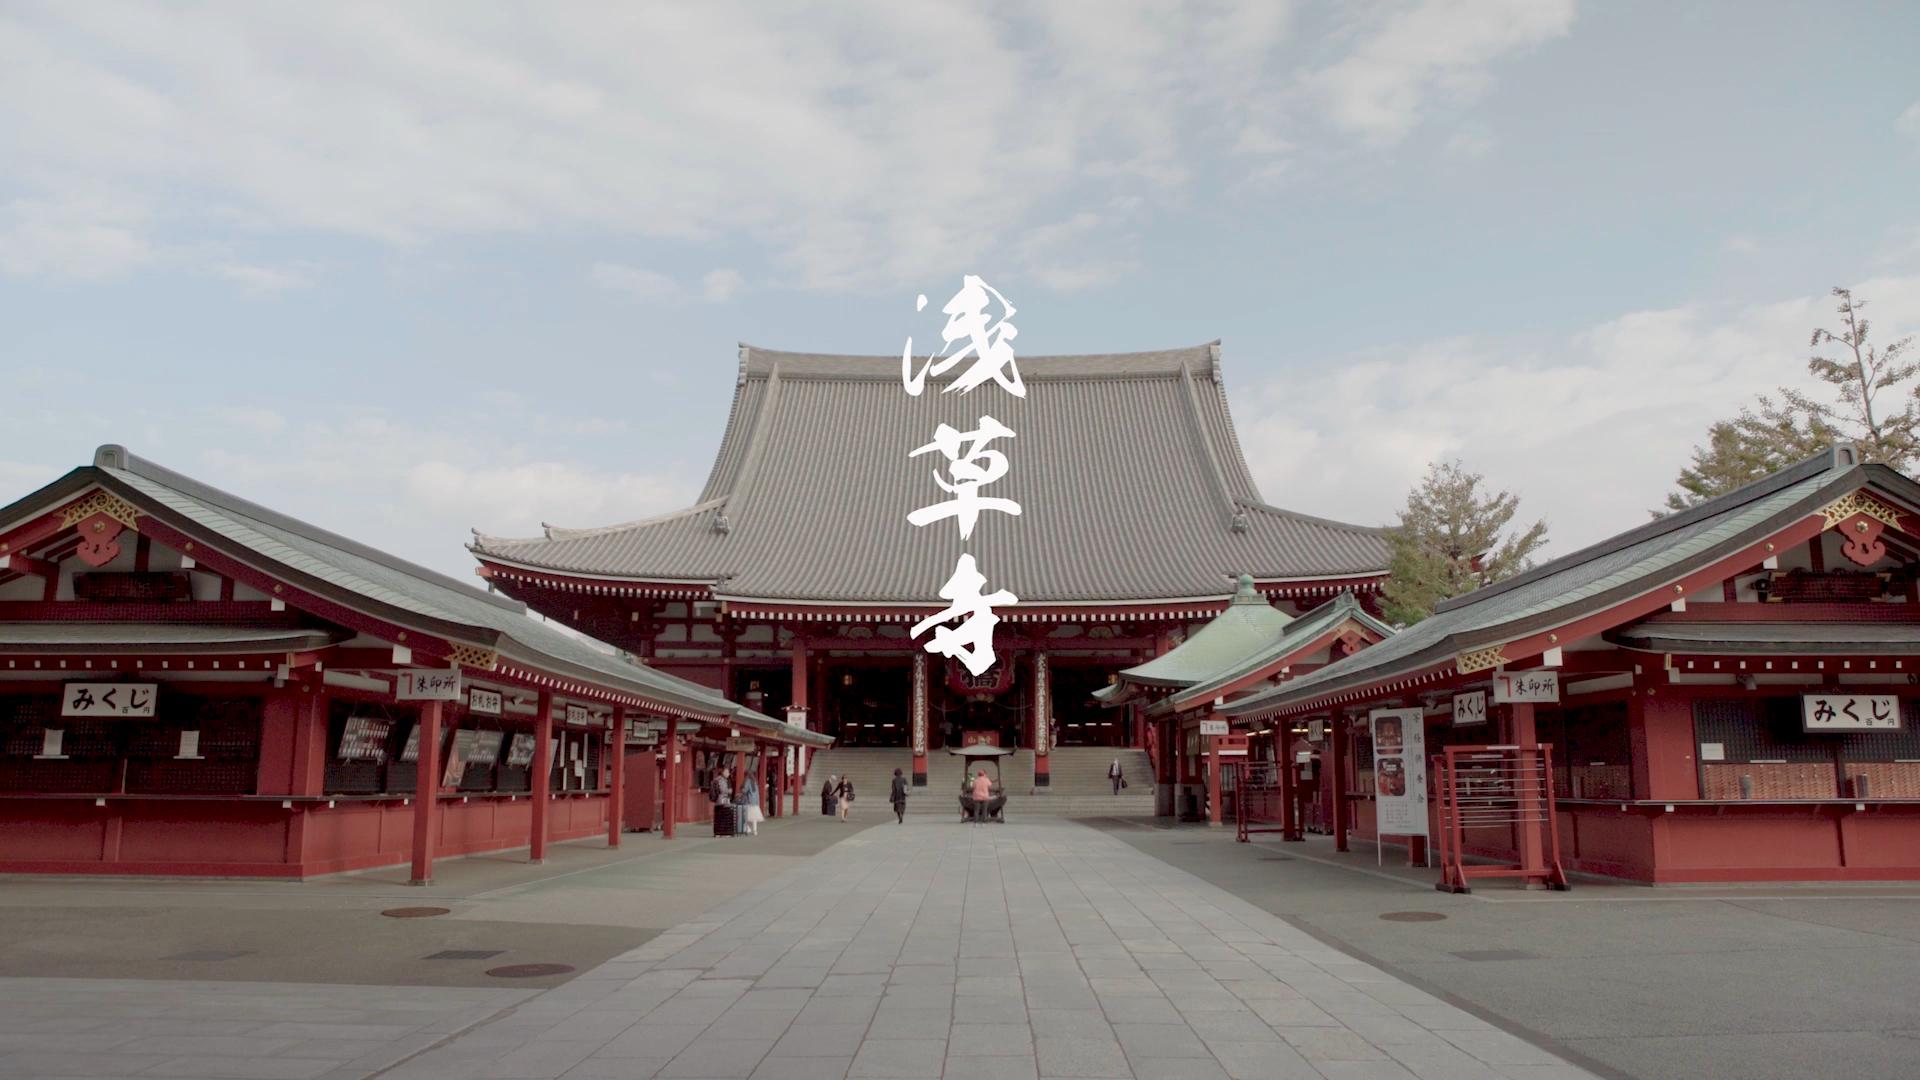 株式会社カナメ<br>プロモーション映像